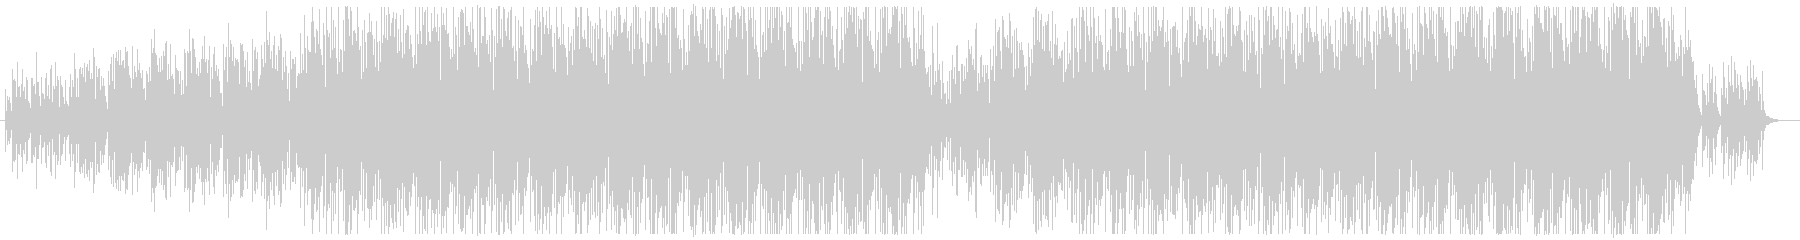 ミニマルなマリンバのアコースティックチルの未再生の波形